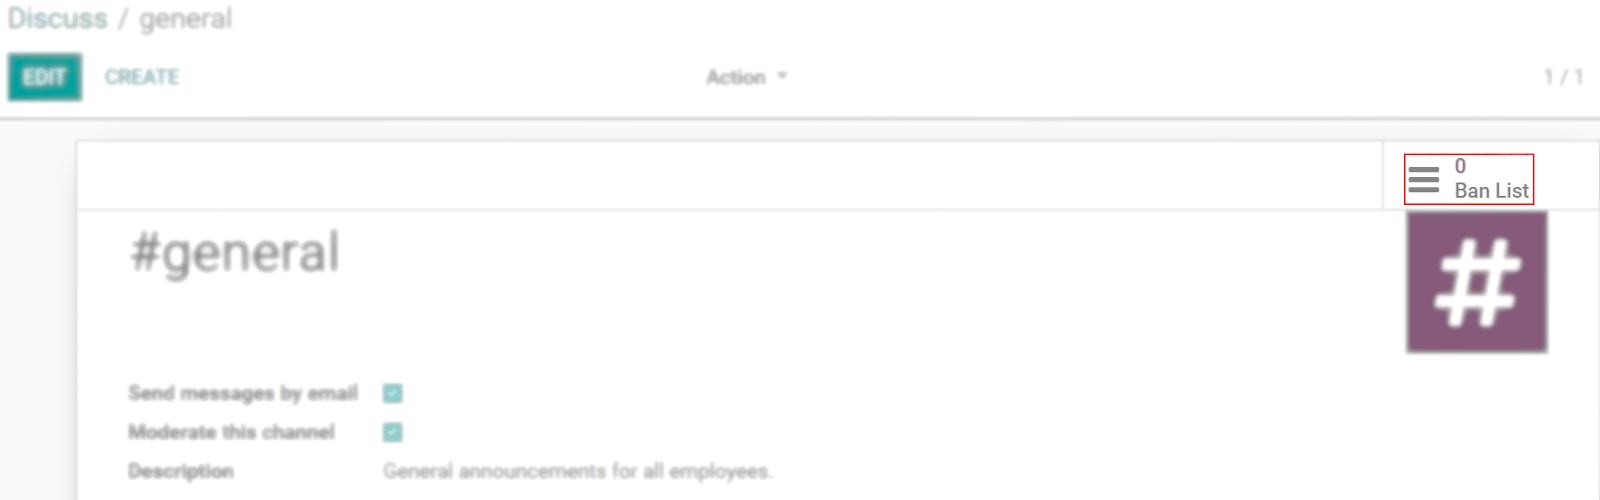 Chế độ xem biểu mẫu cài đặt của kênh nhấn mạnh menu cấm Danh sách trong Odoo Thảo luận